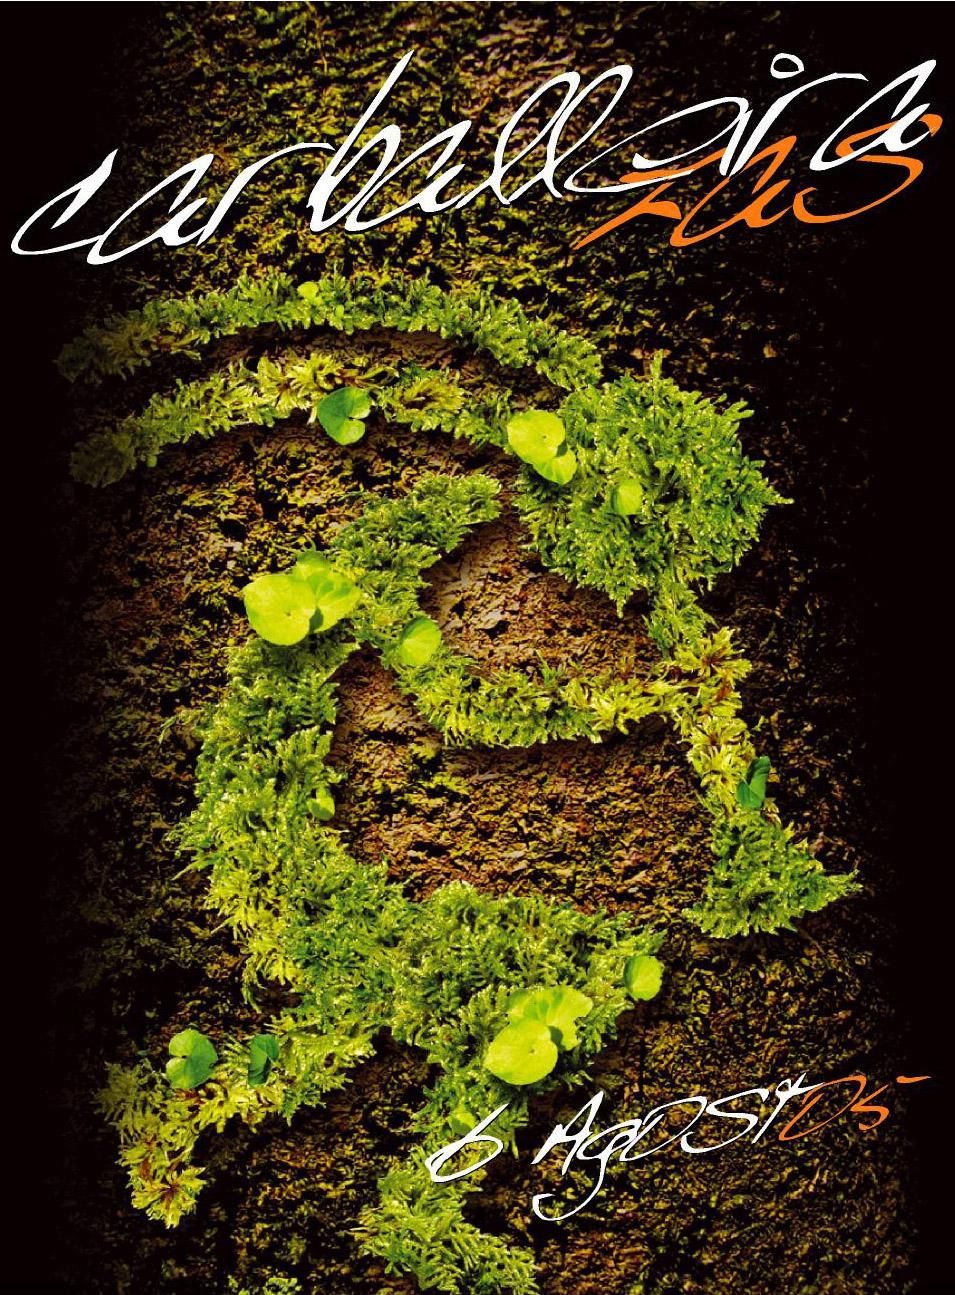 Cartel Festa Carballeira 2005